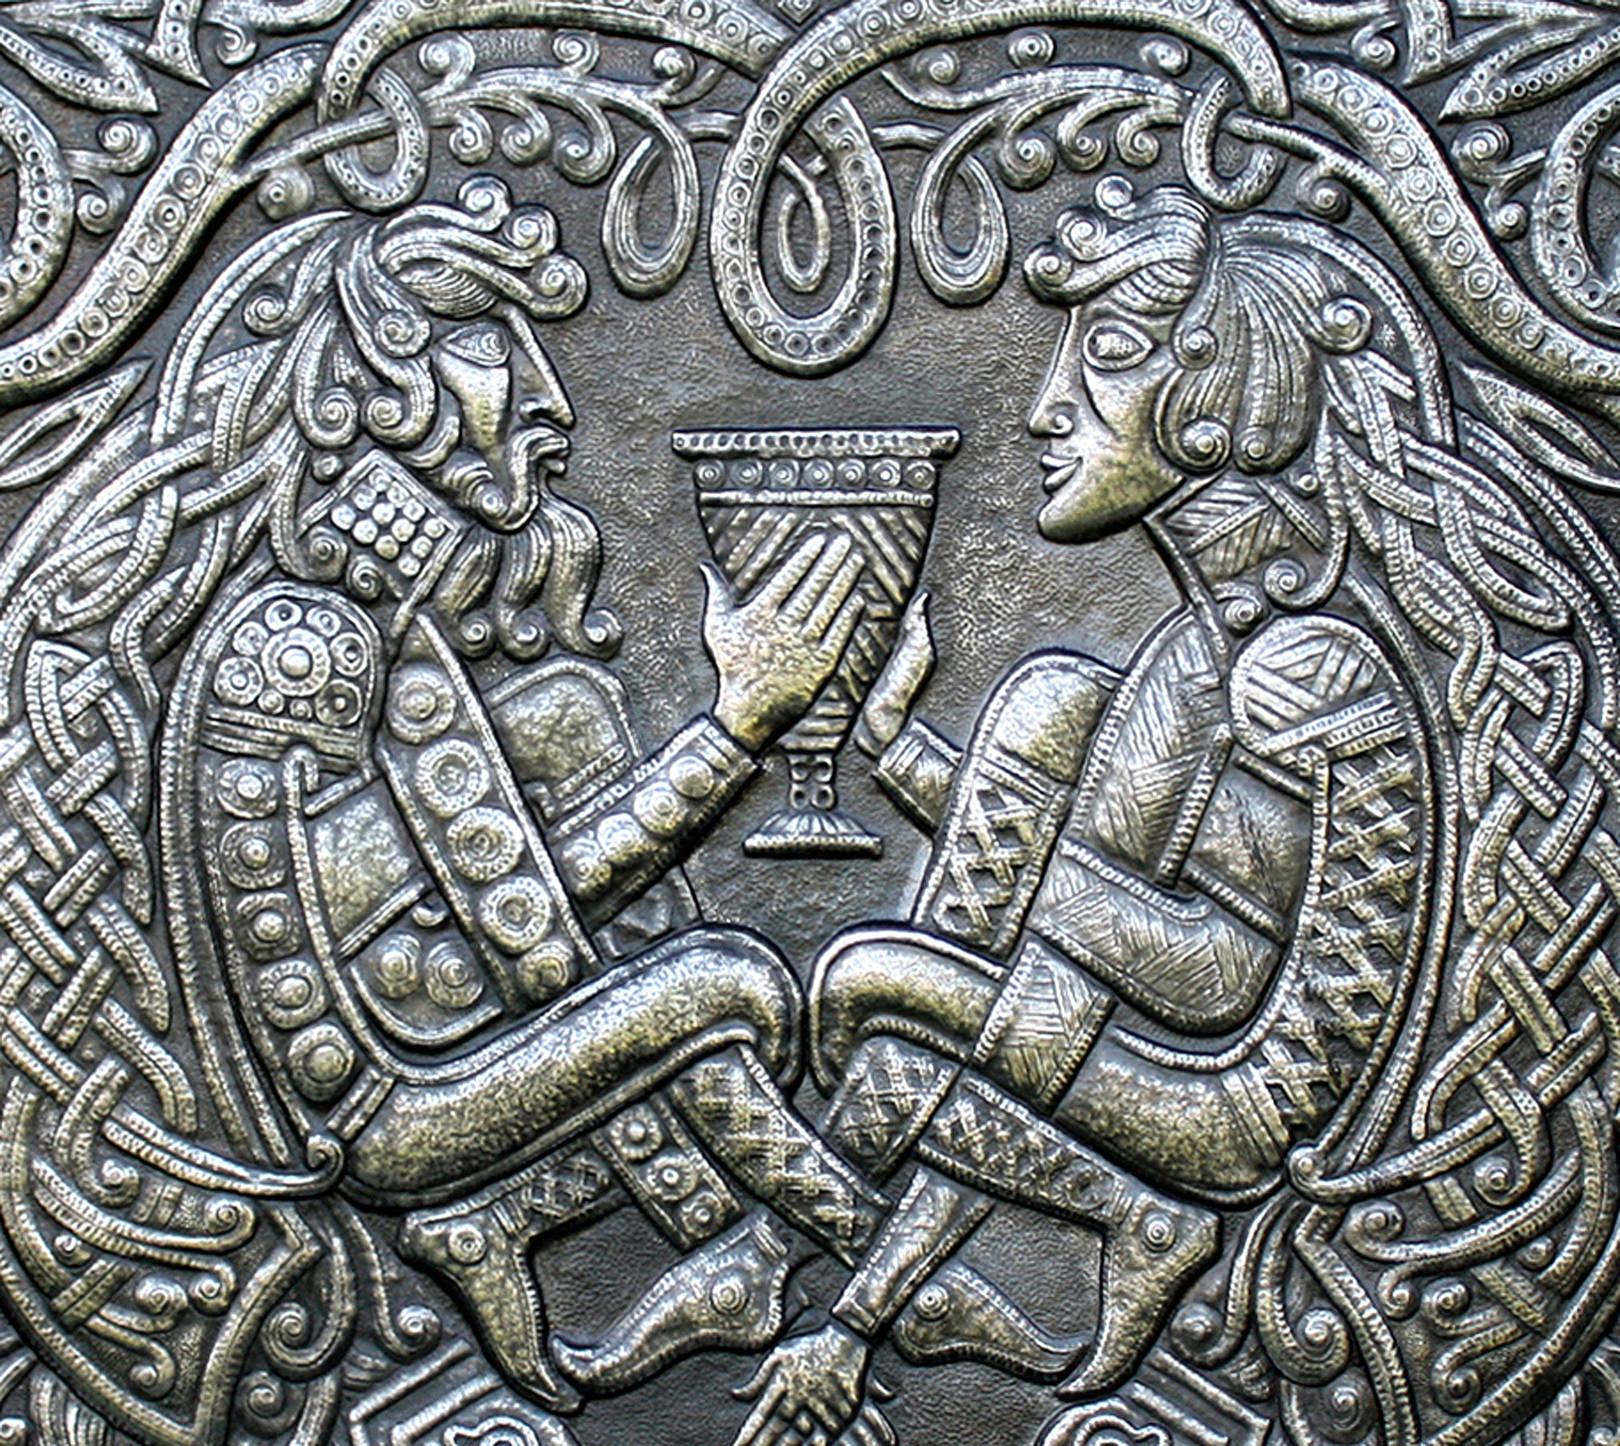 Чеканка. Кельтские мотивы.